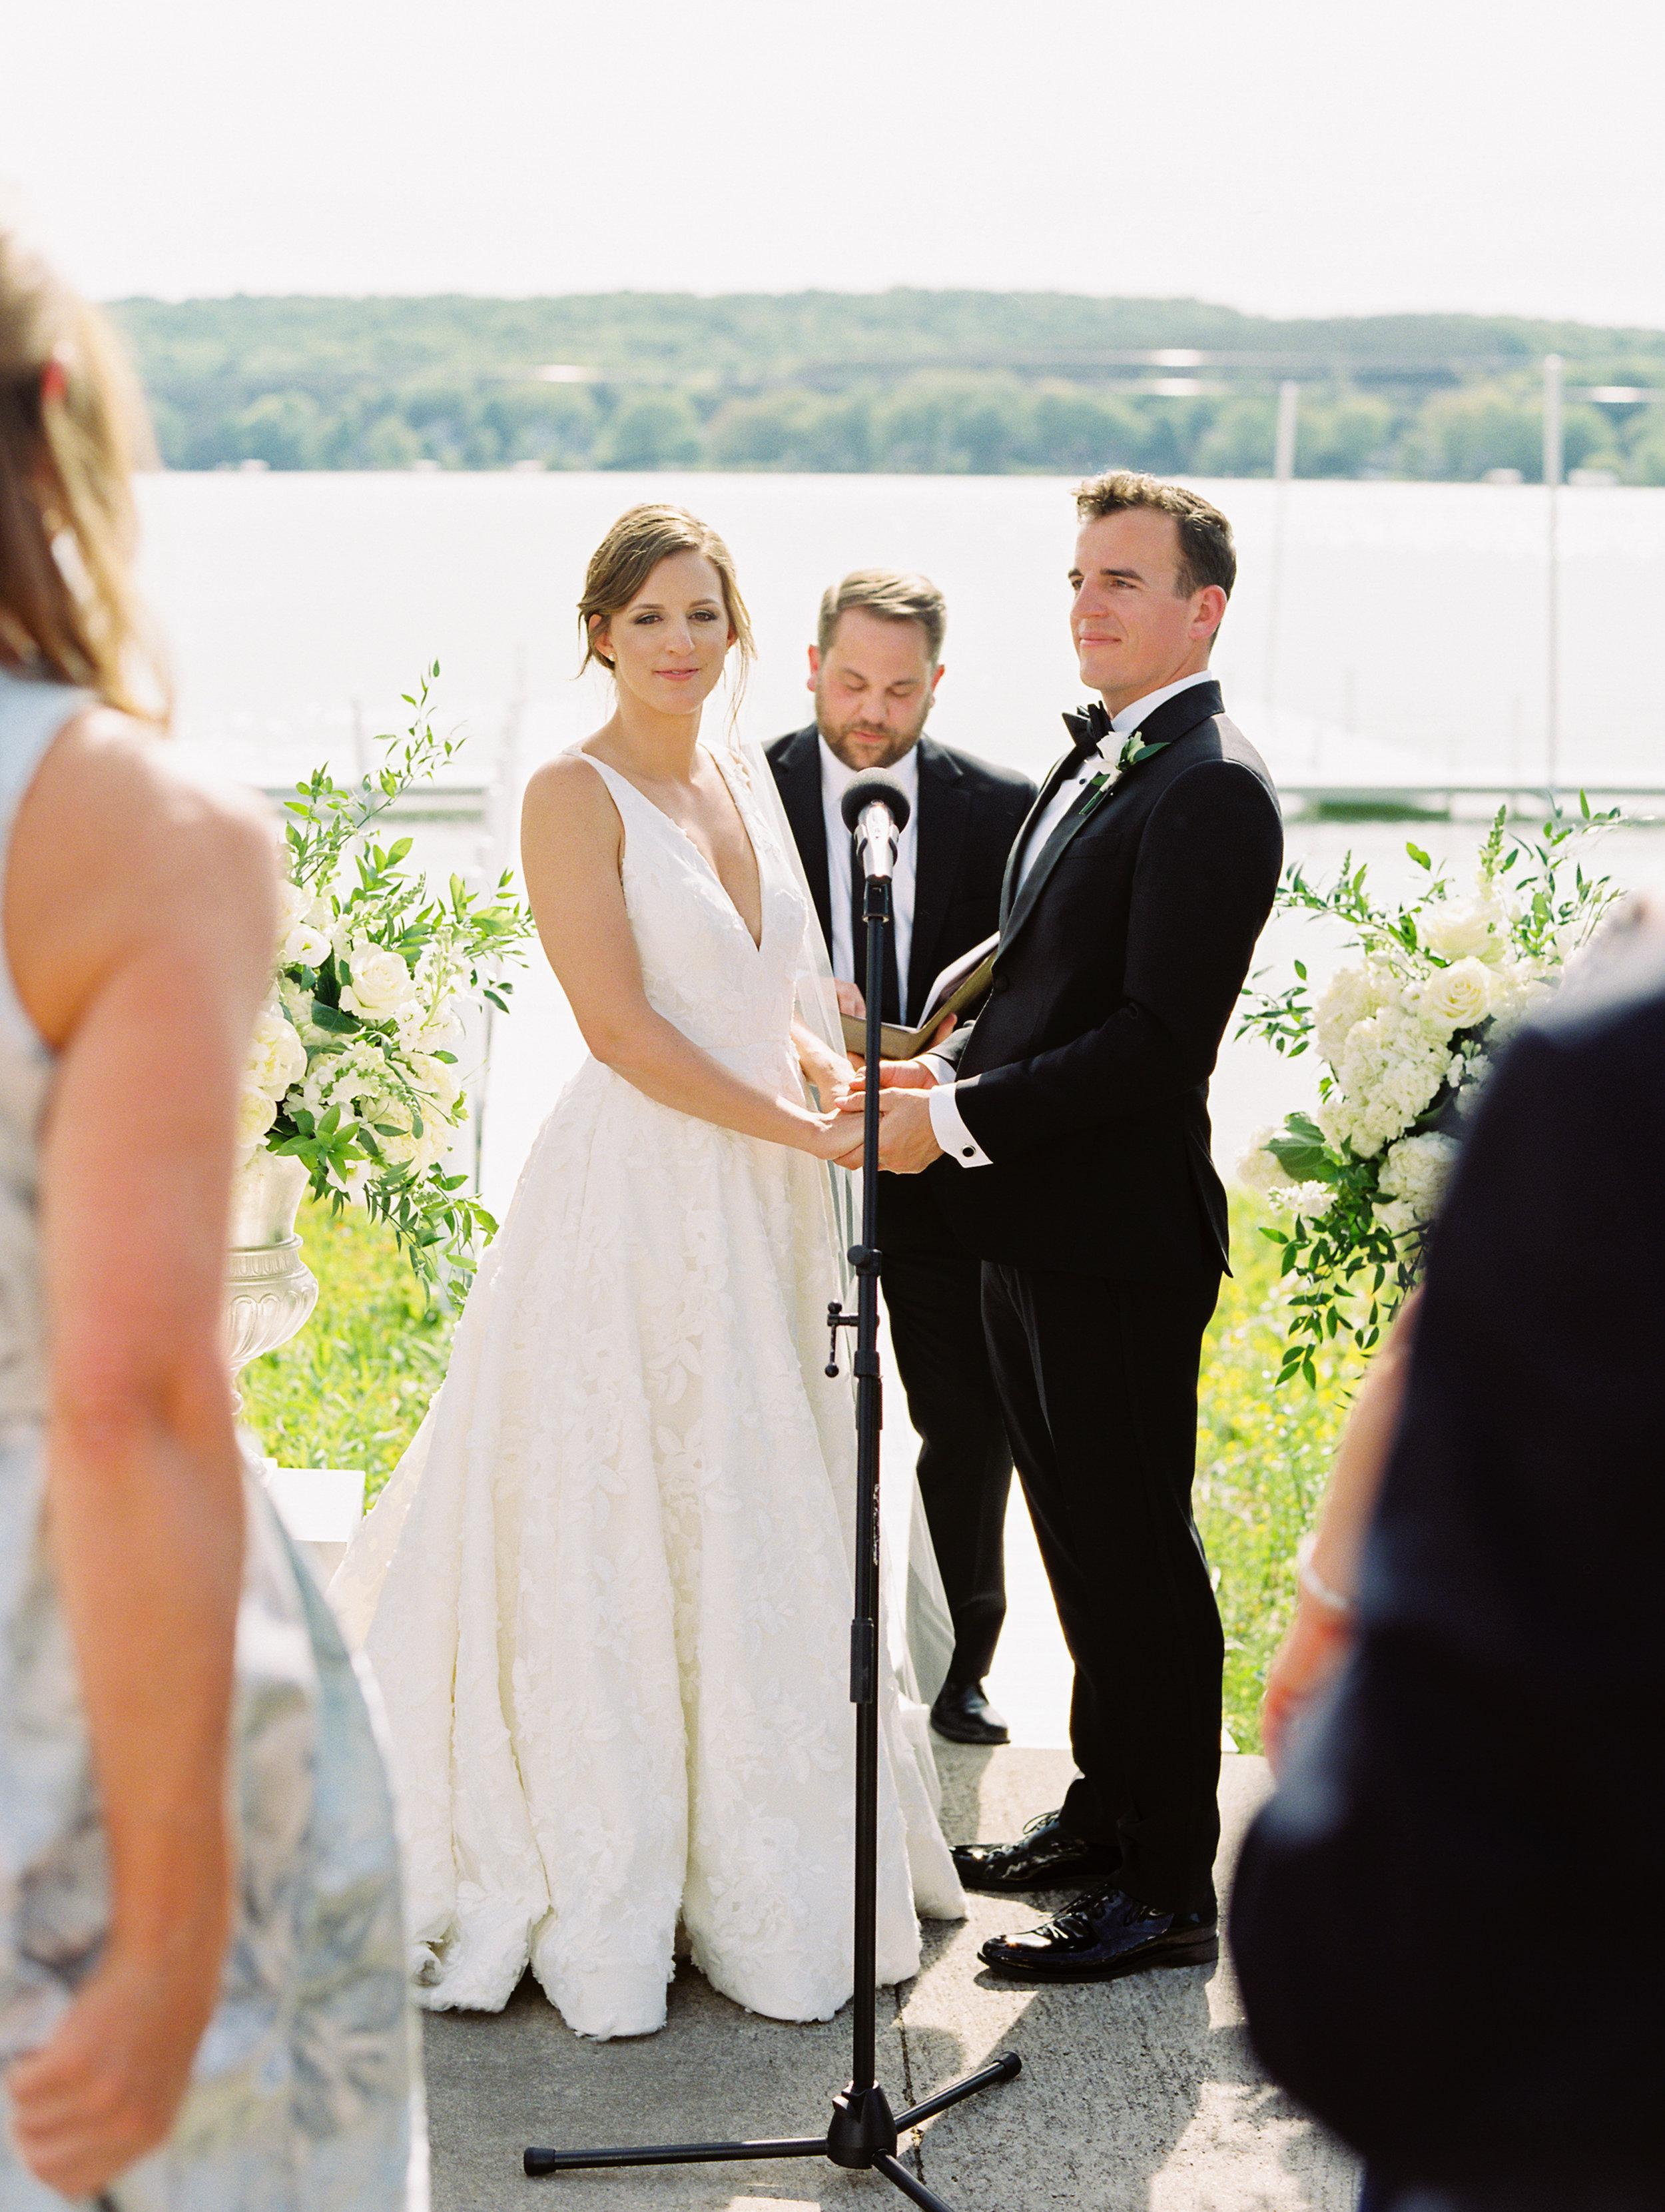 DeGuilio+Wedding+Ceremonyf-31.jpg